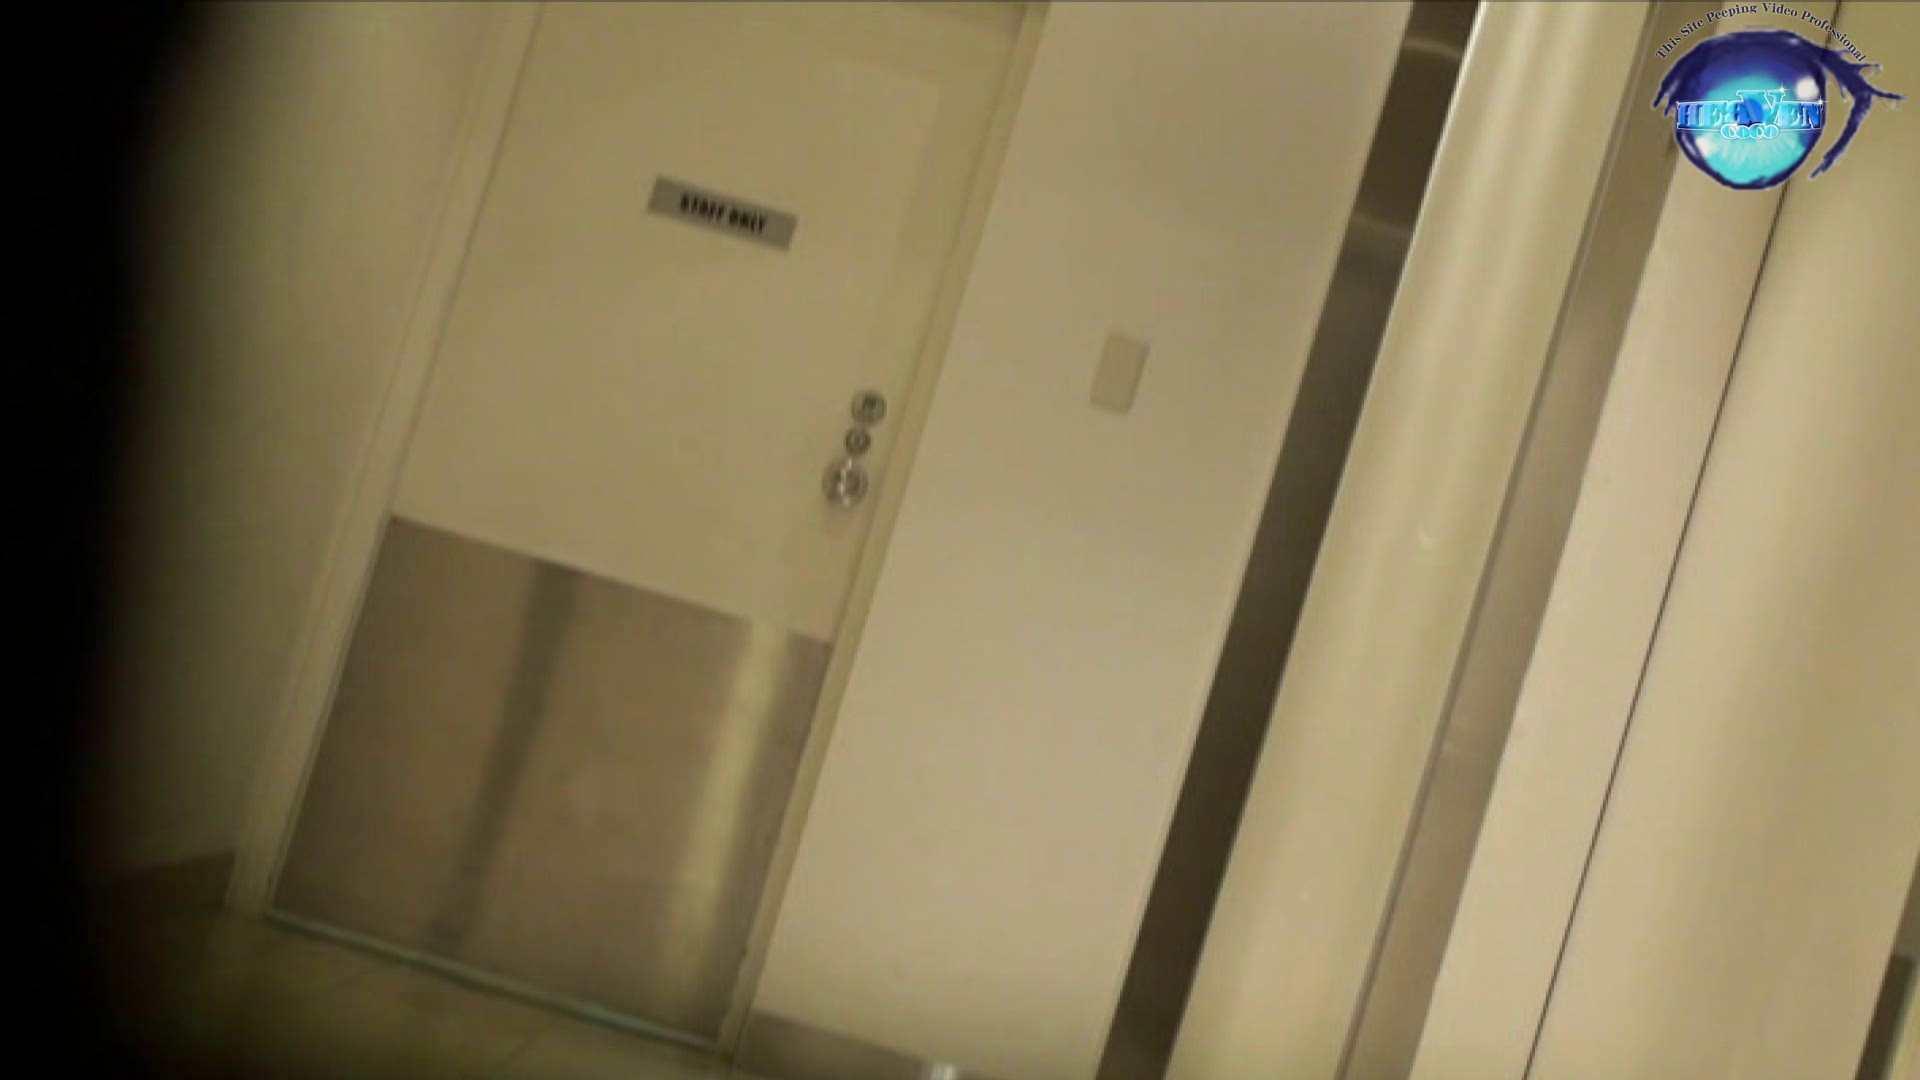 飛び出す黄金水!!!アトレ潜入 かわや盗撮 vol.07 覗き オメコ無修正動画無料 113PIX 31